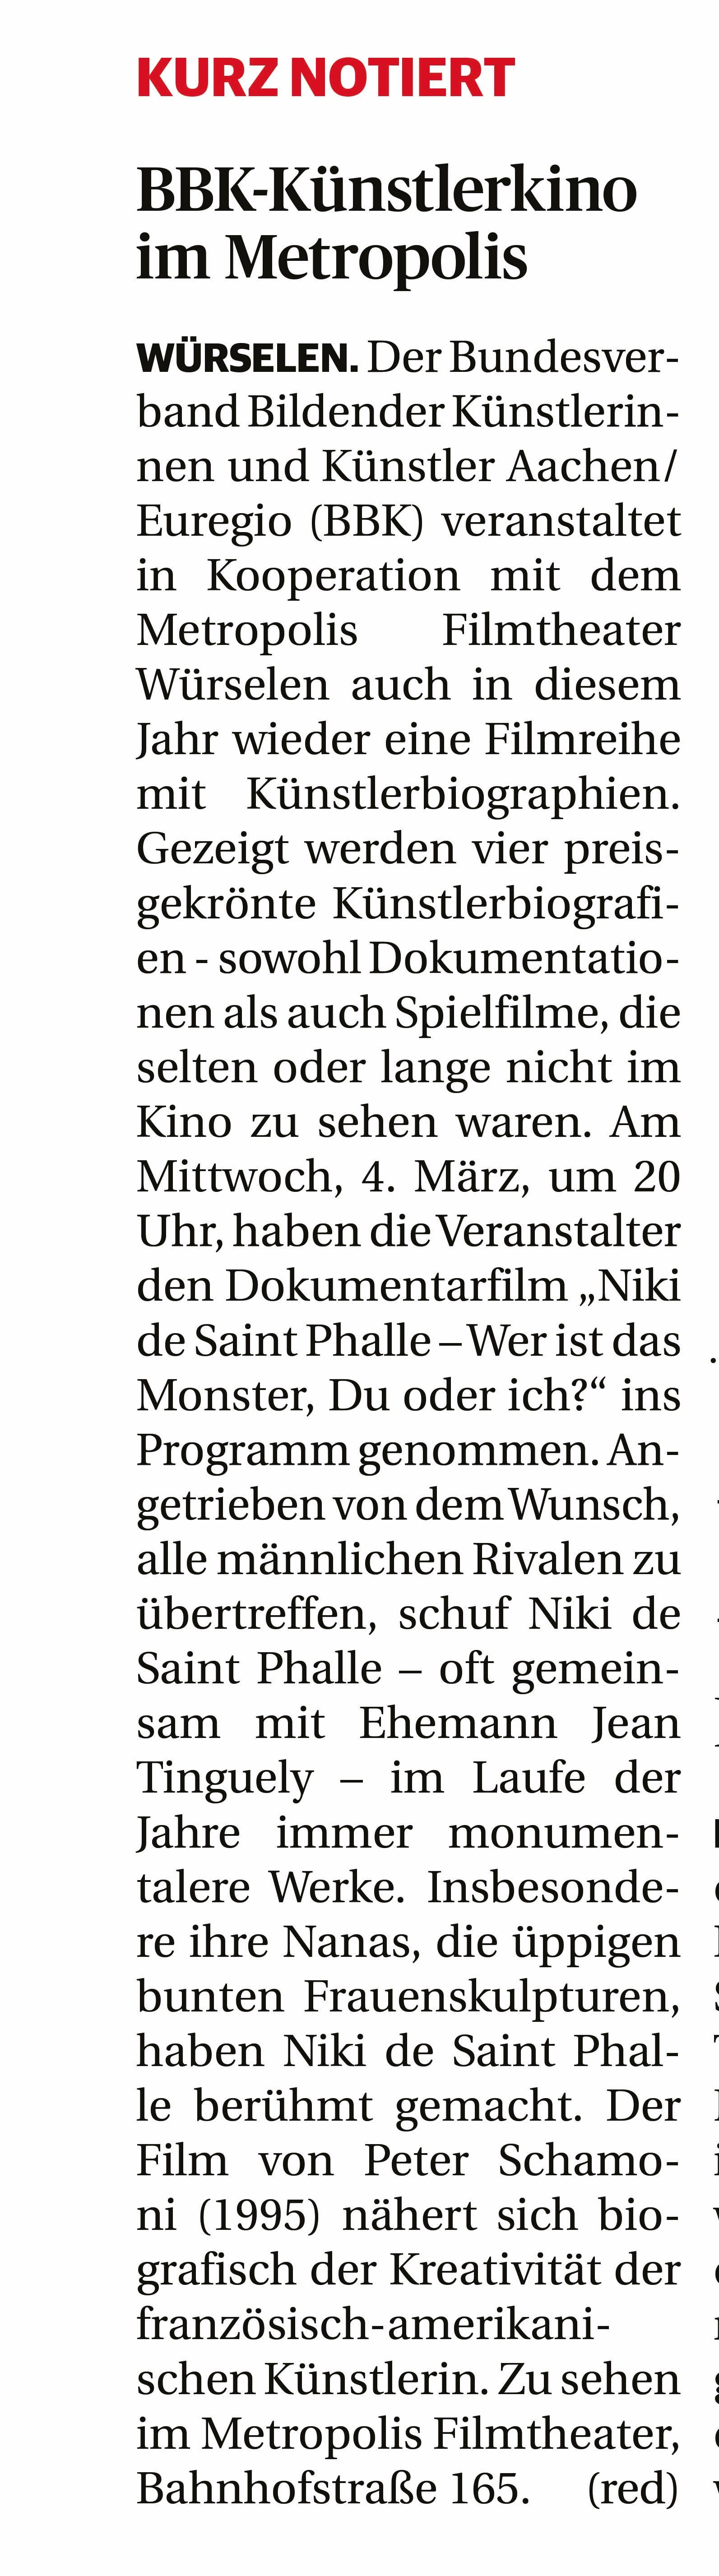 Künstlerkino Aachener Zeitung am Sonntag 16.02.2020